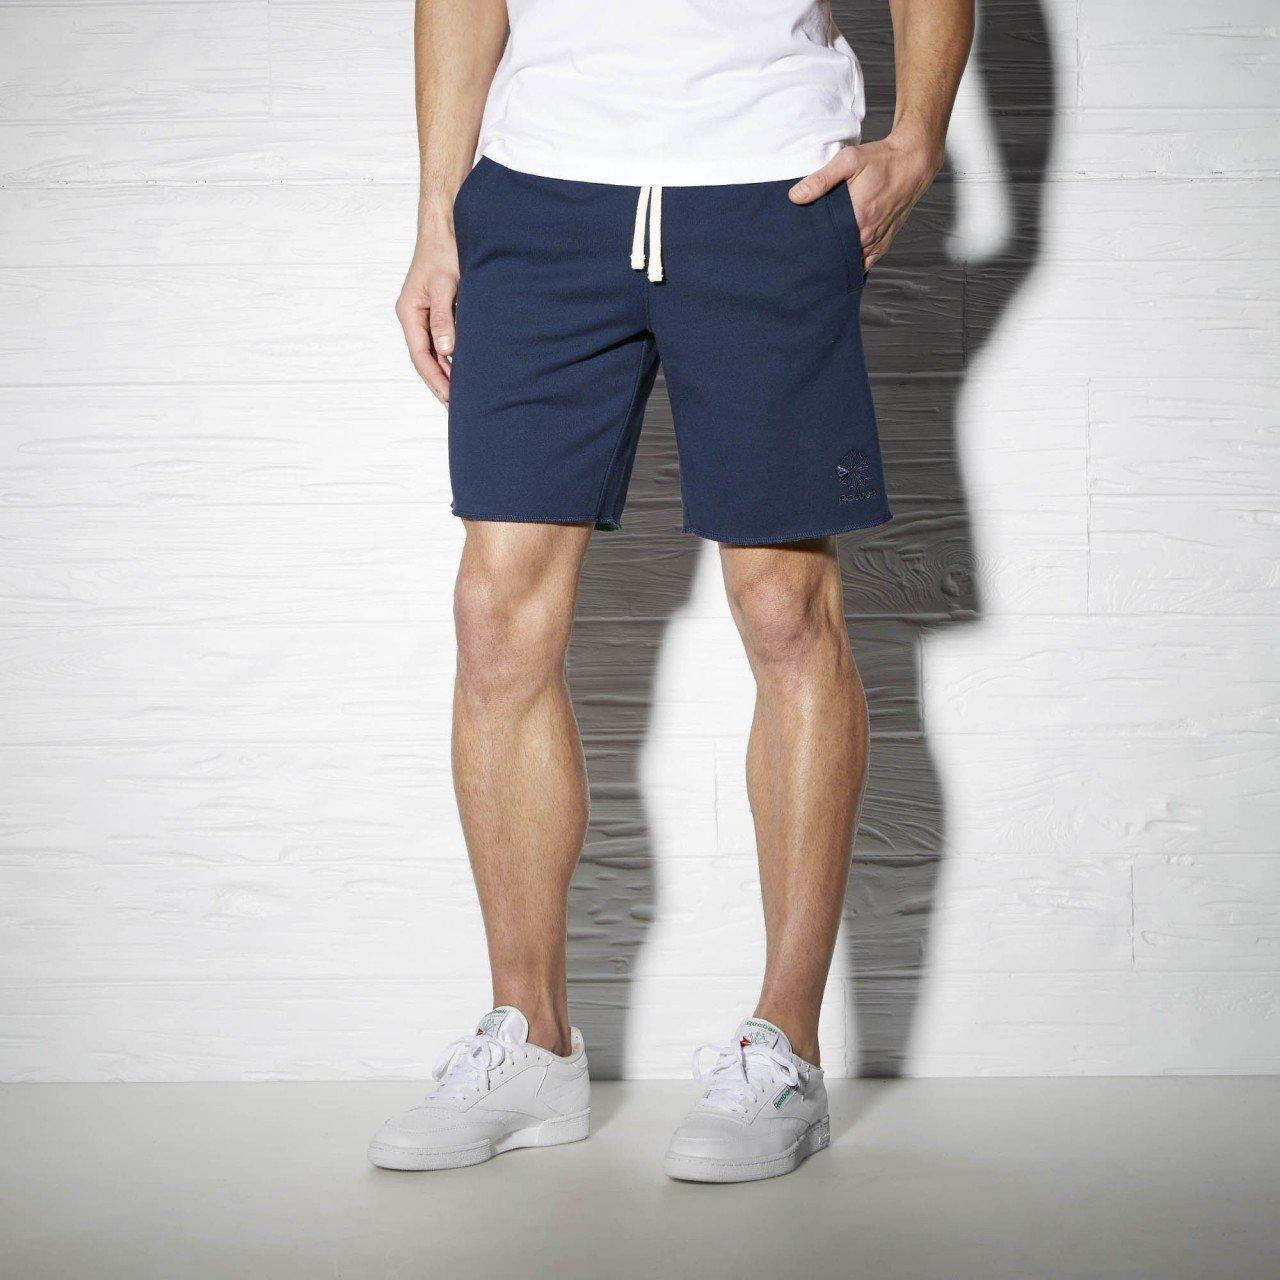 Reebok F FT Short - Pantalón Corto para Mujer